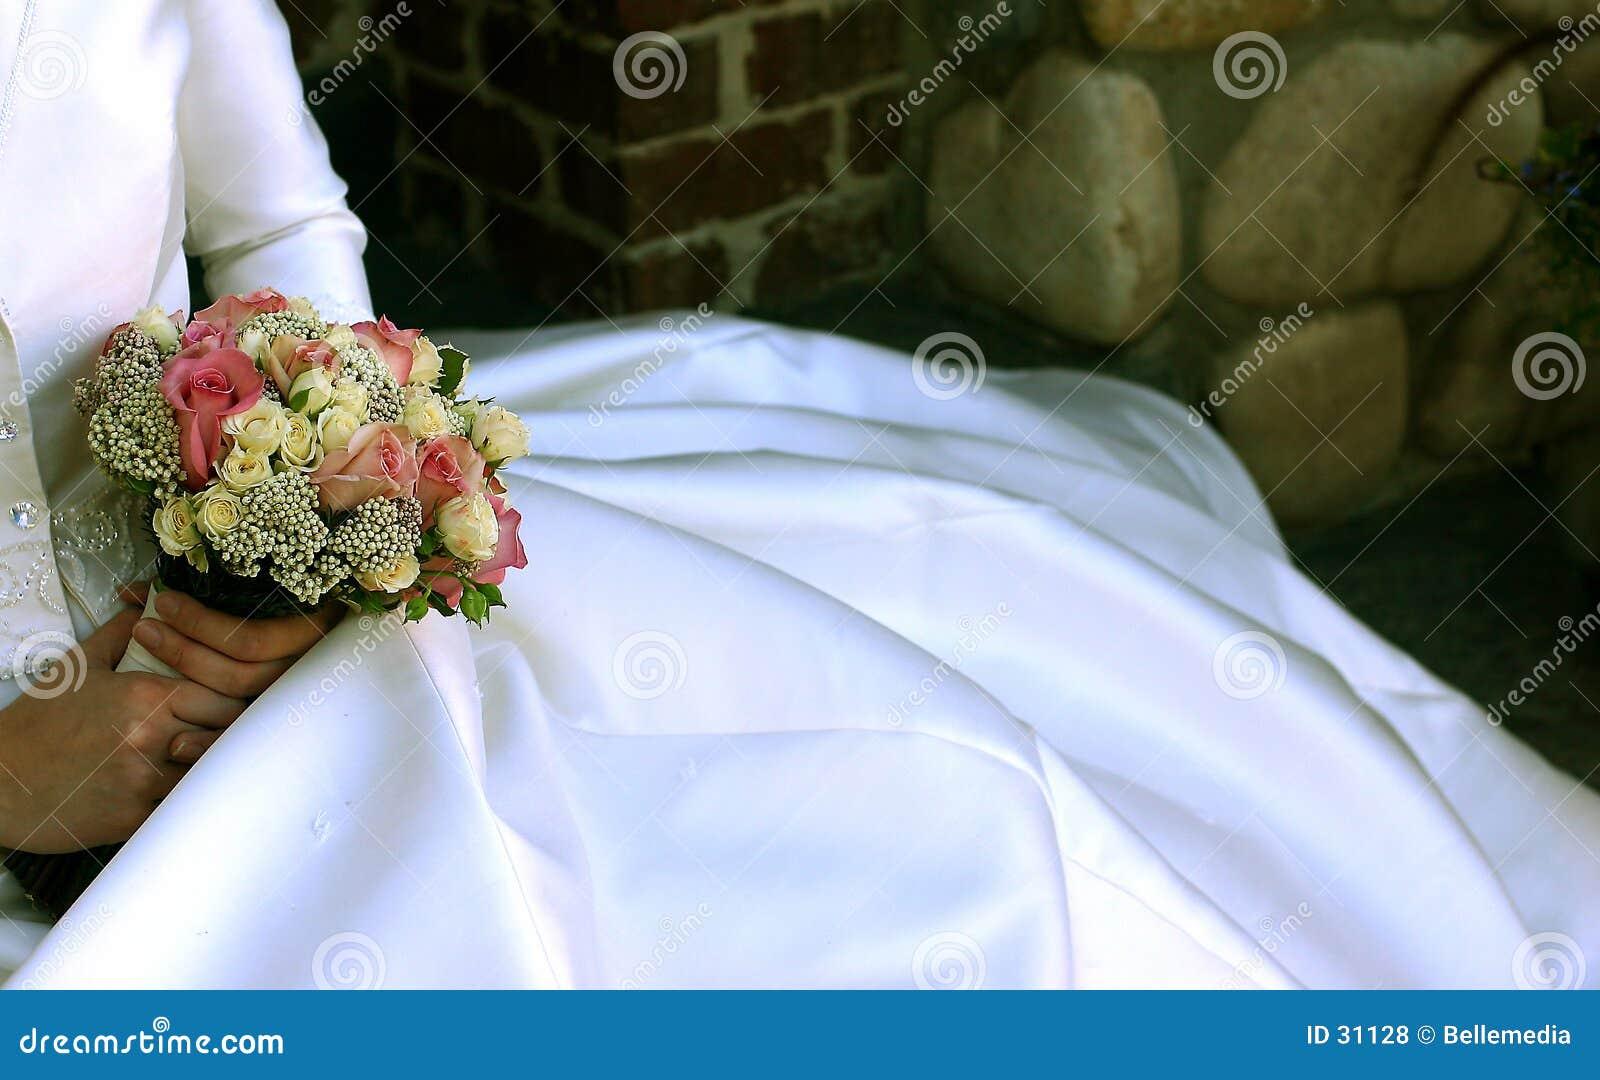 Bloemen en een huwelijkskleding